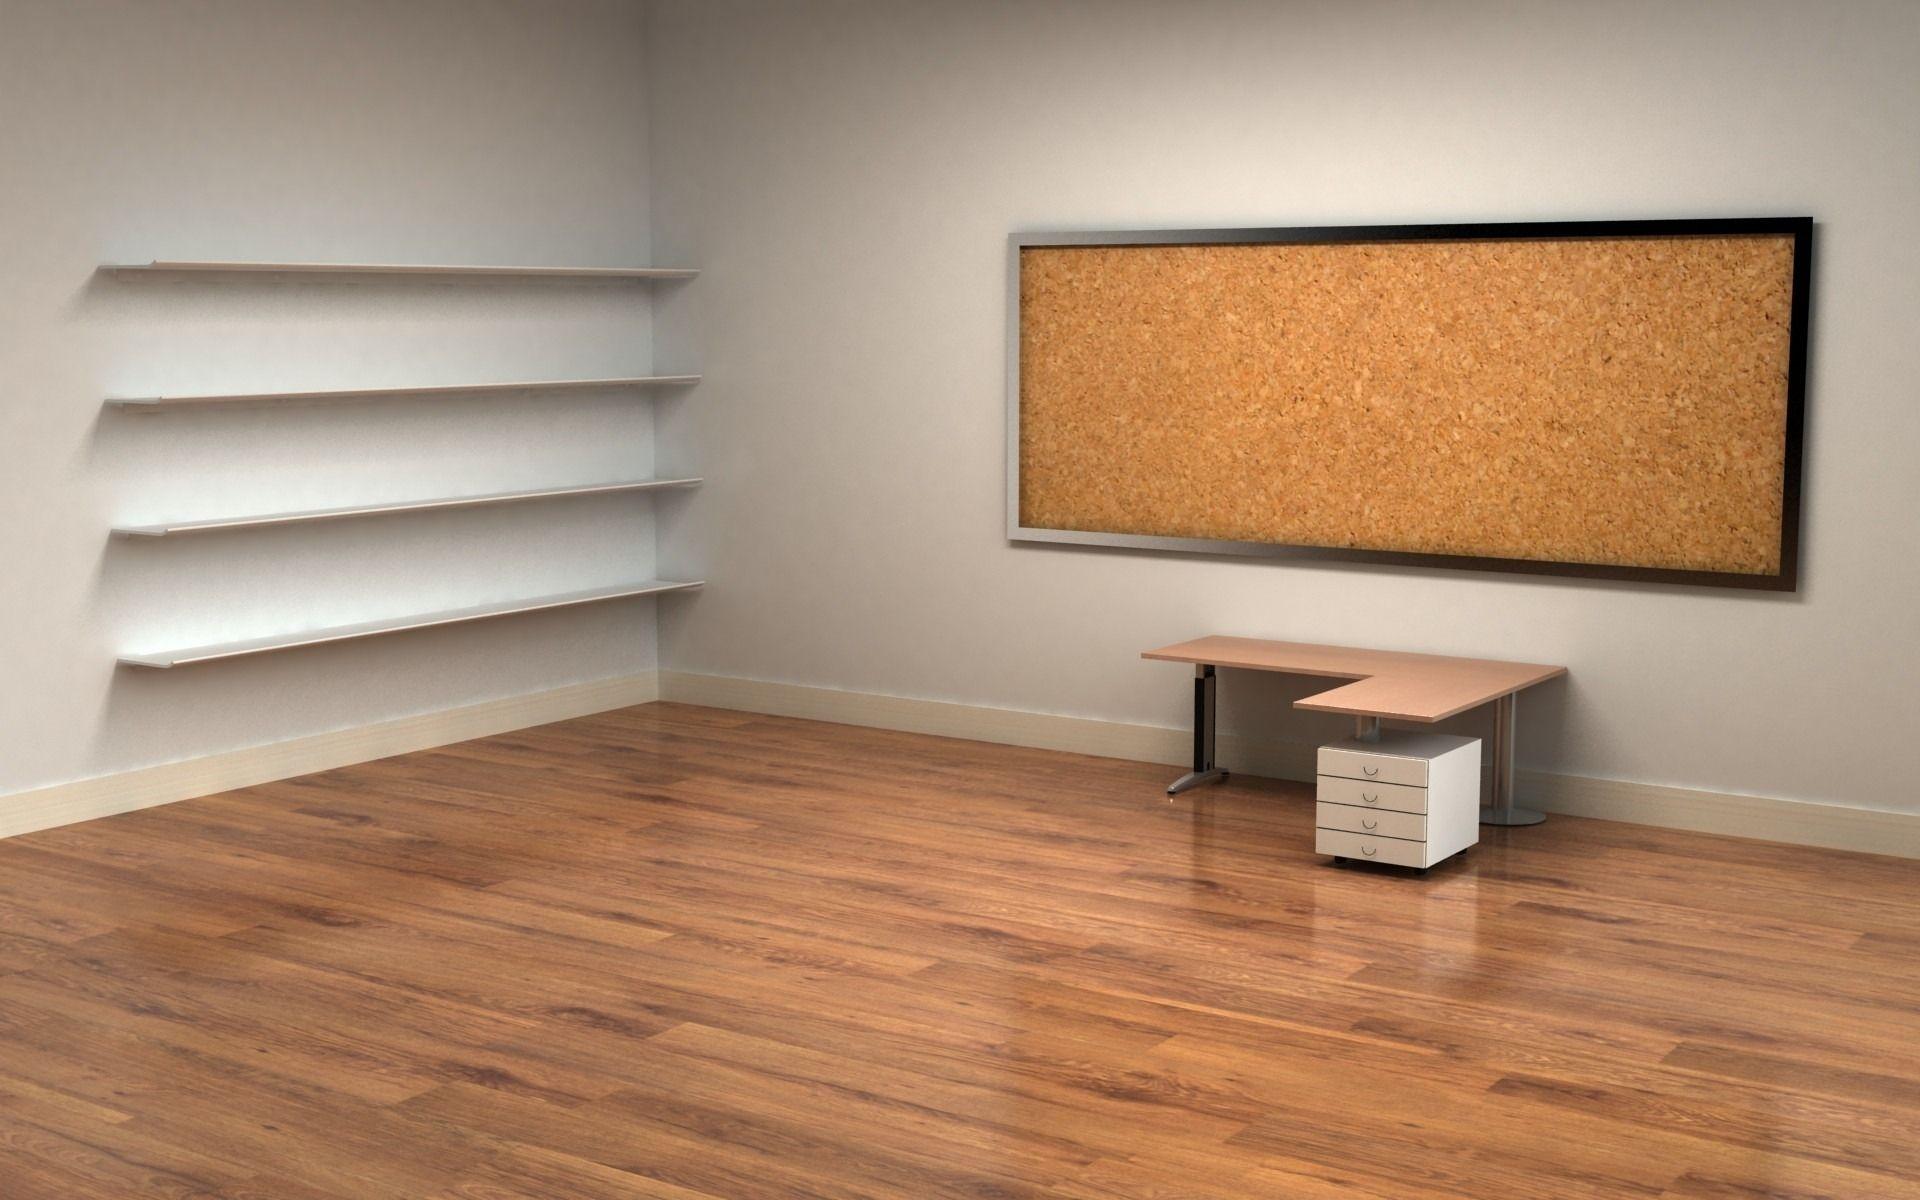 desktop backgrounds room Download | Desktop wallpaper ...